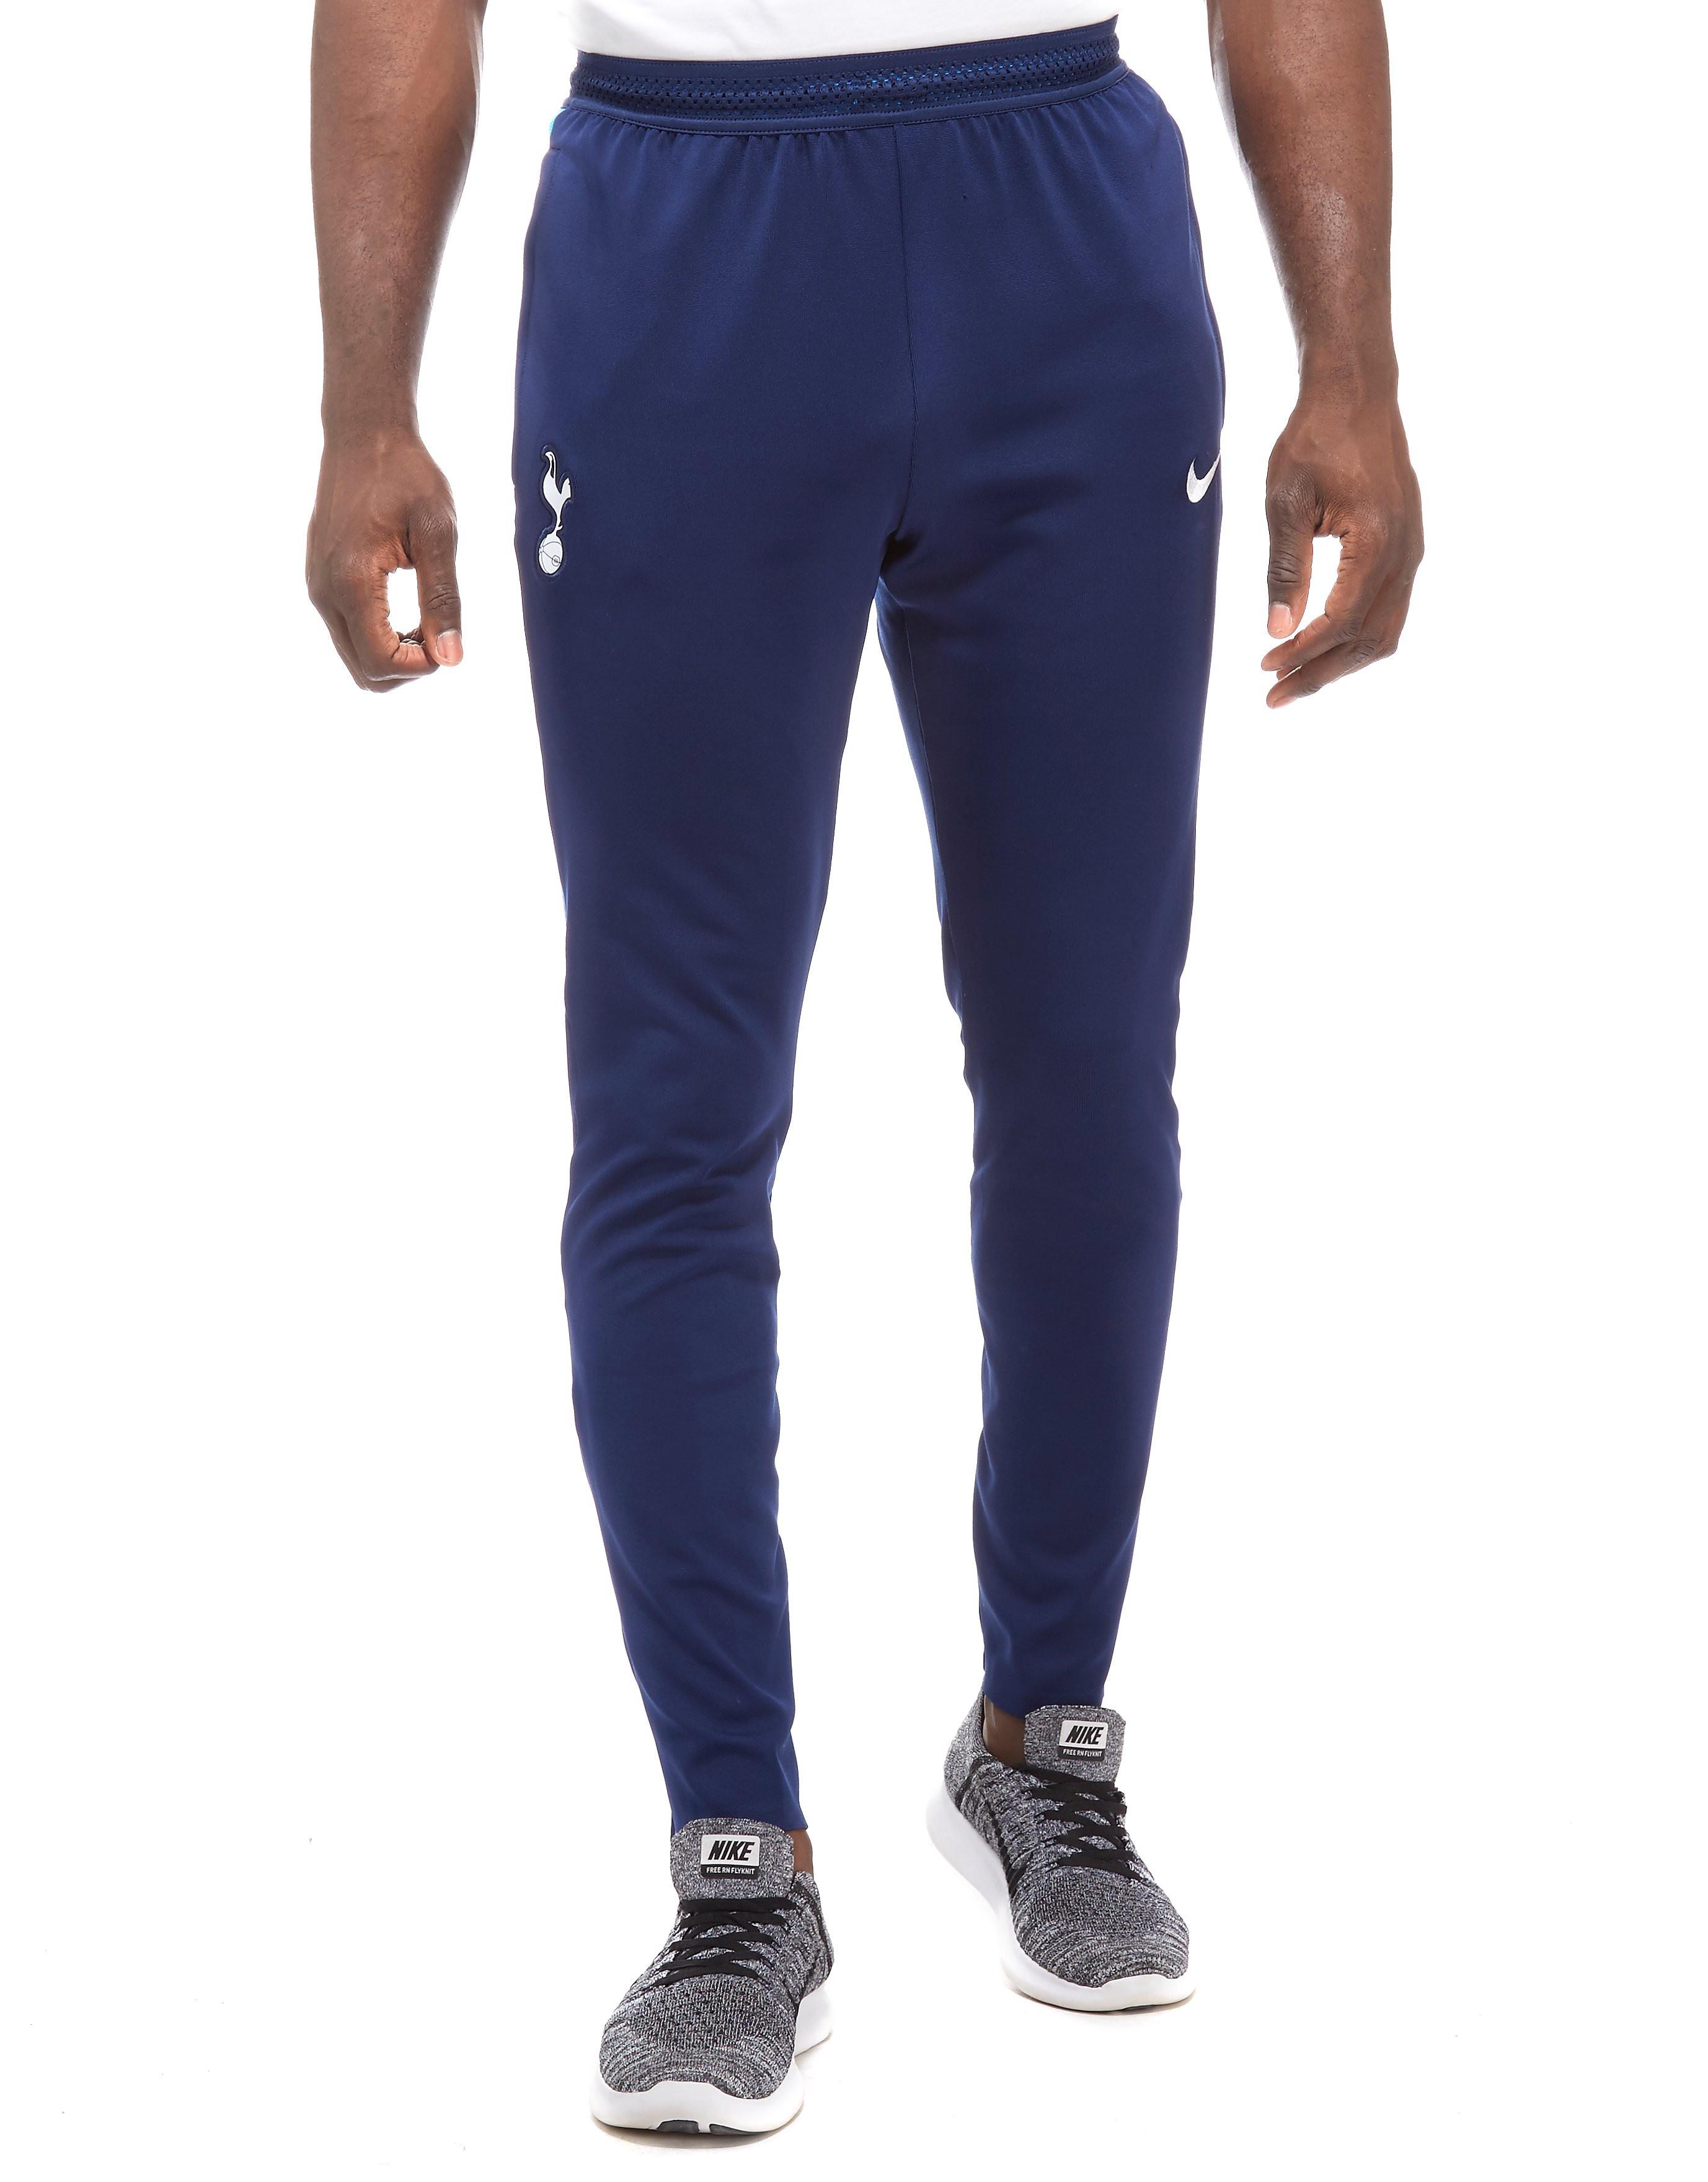 Nike Tottenham Hotspur 2017 Aeroswift Pants